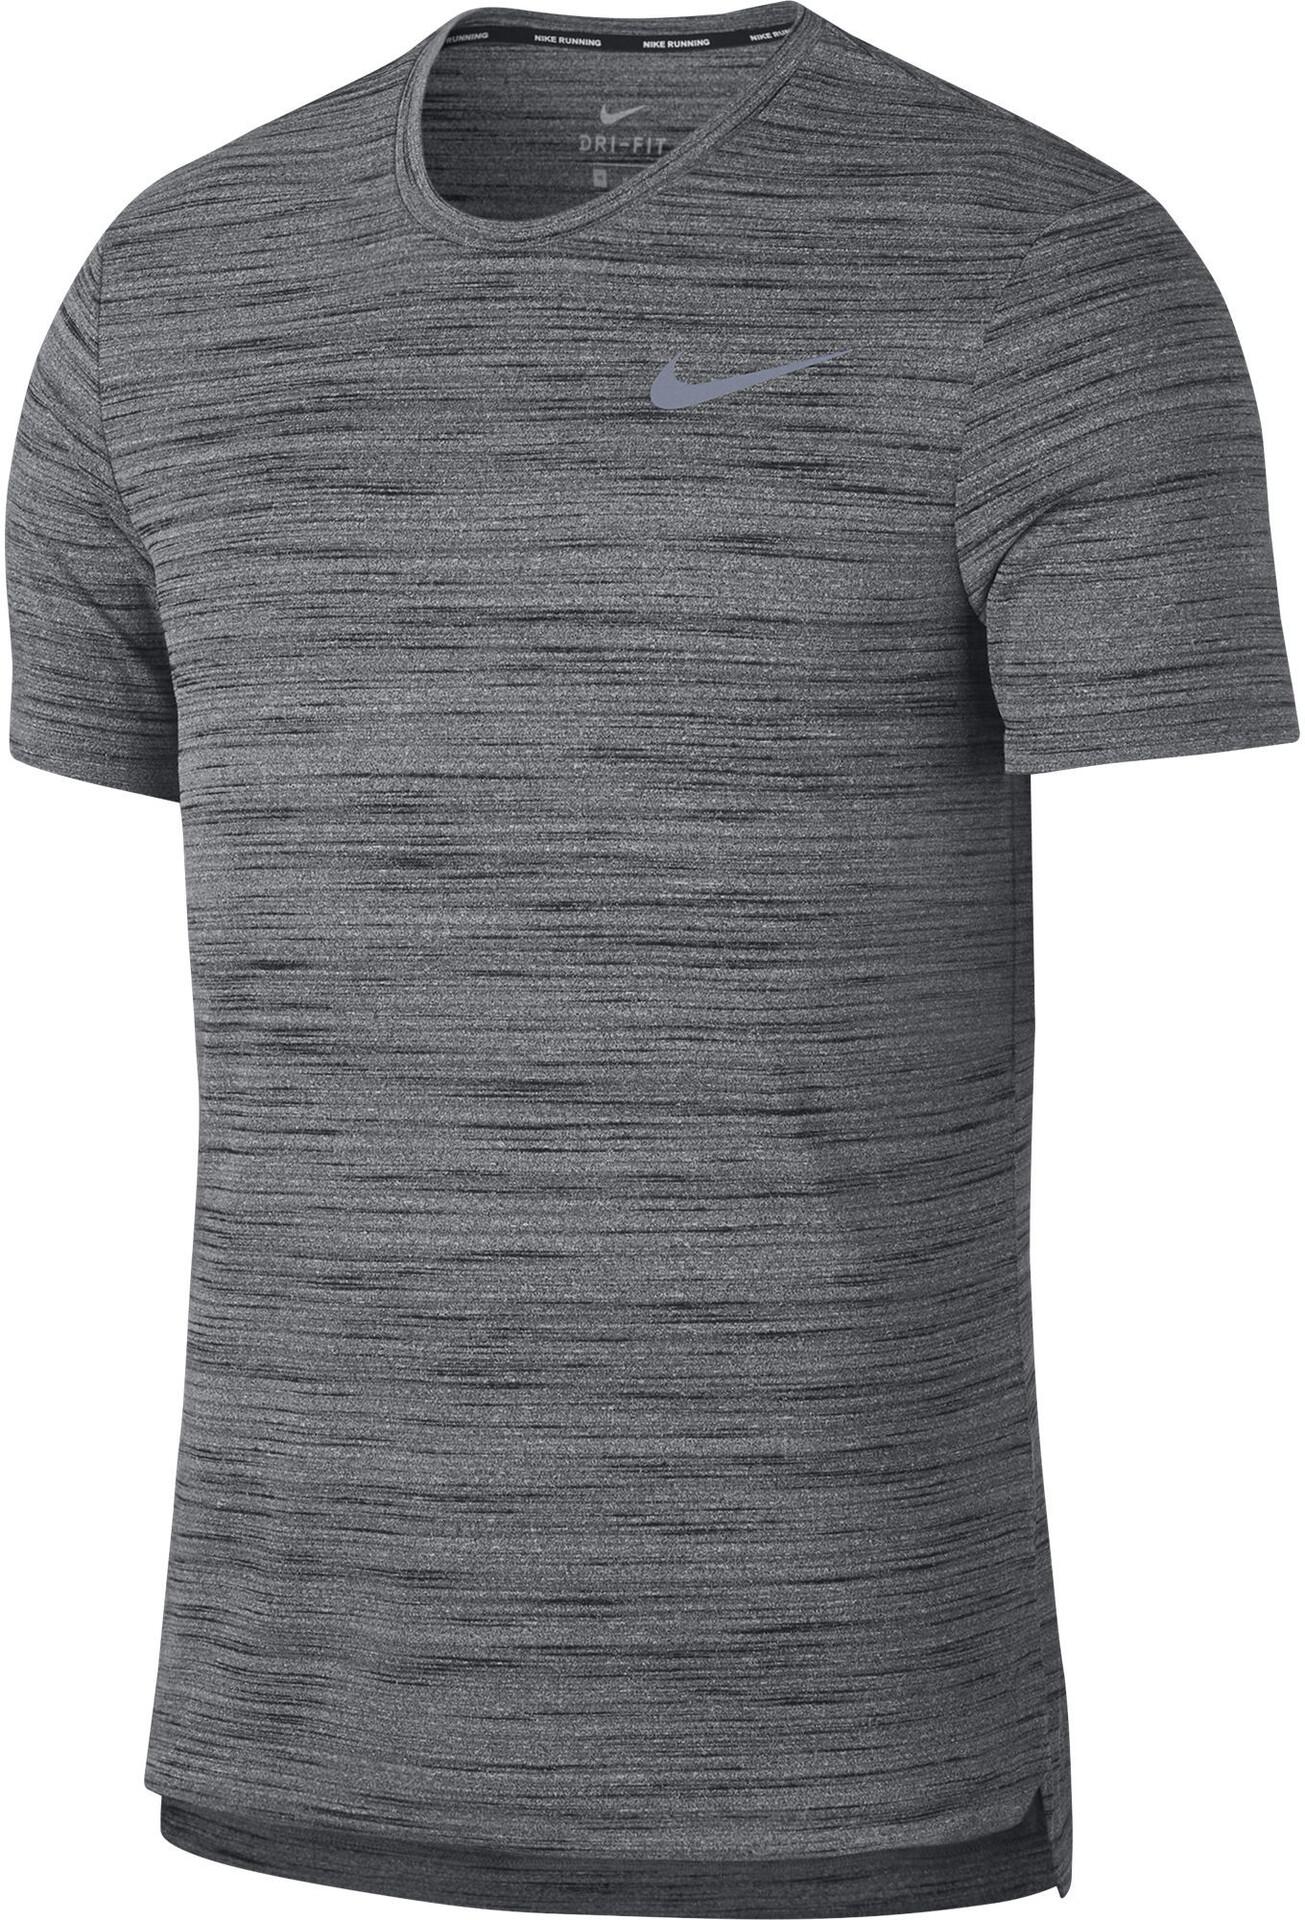 es Nike Gris Essential Hombre Bikester Miler Running Camiseta 0Xr0q8S